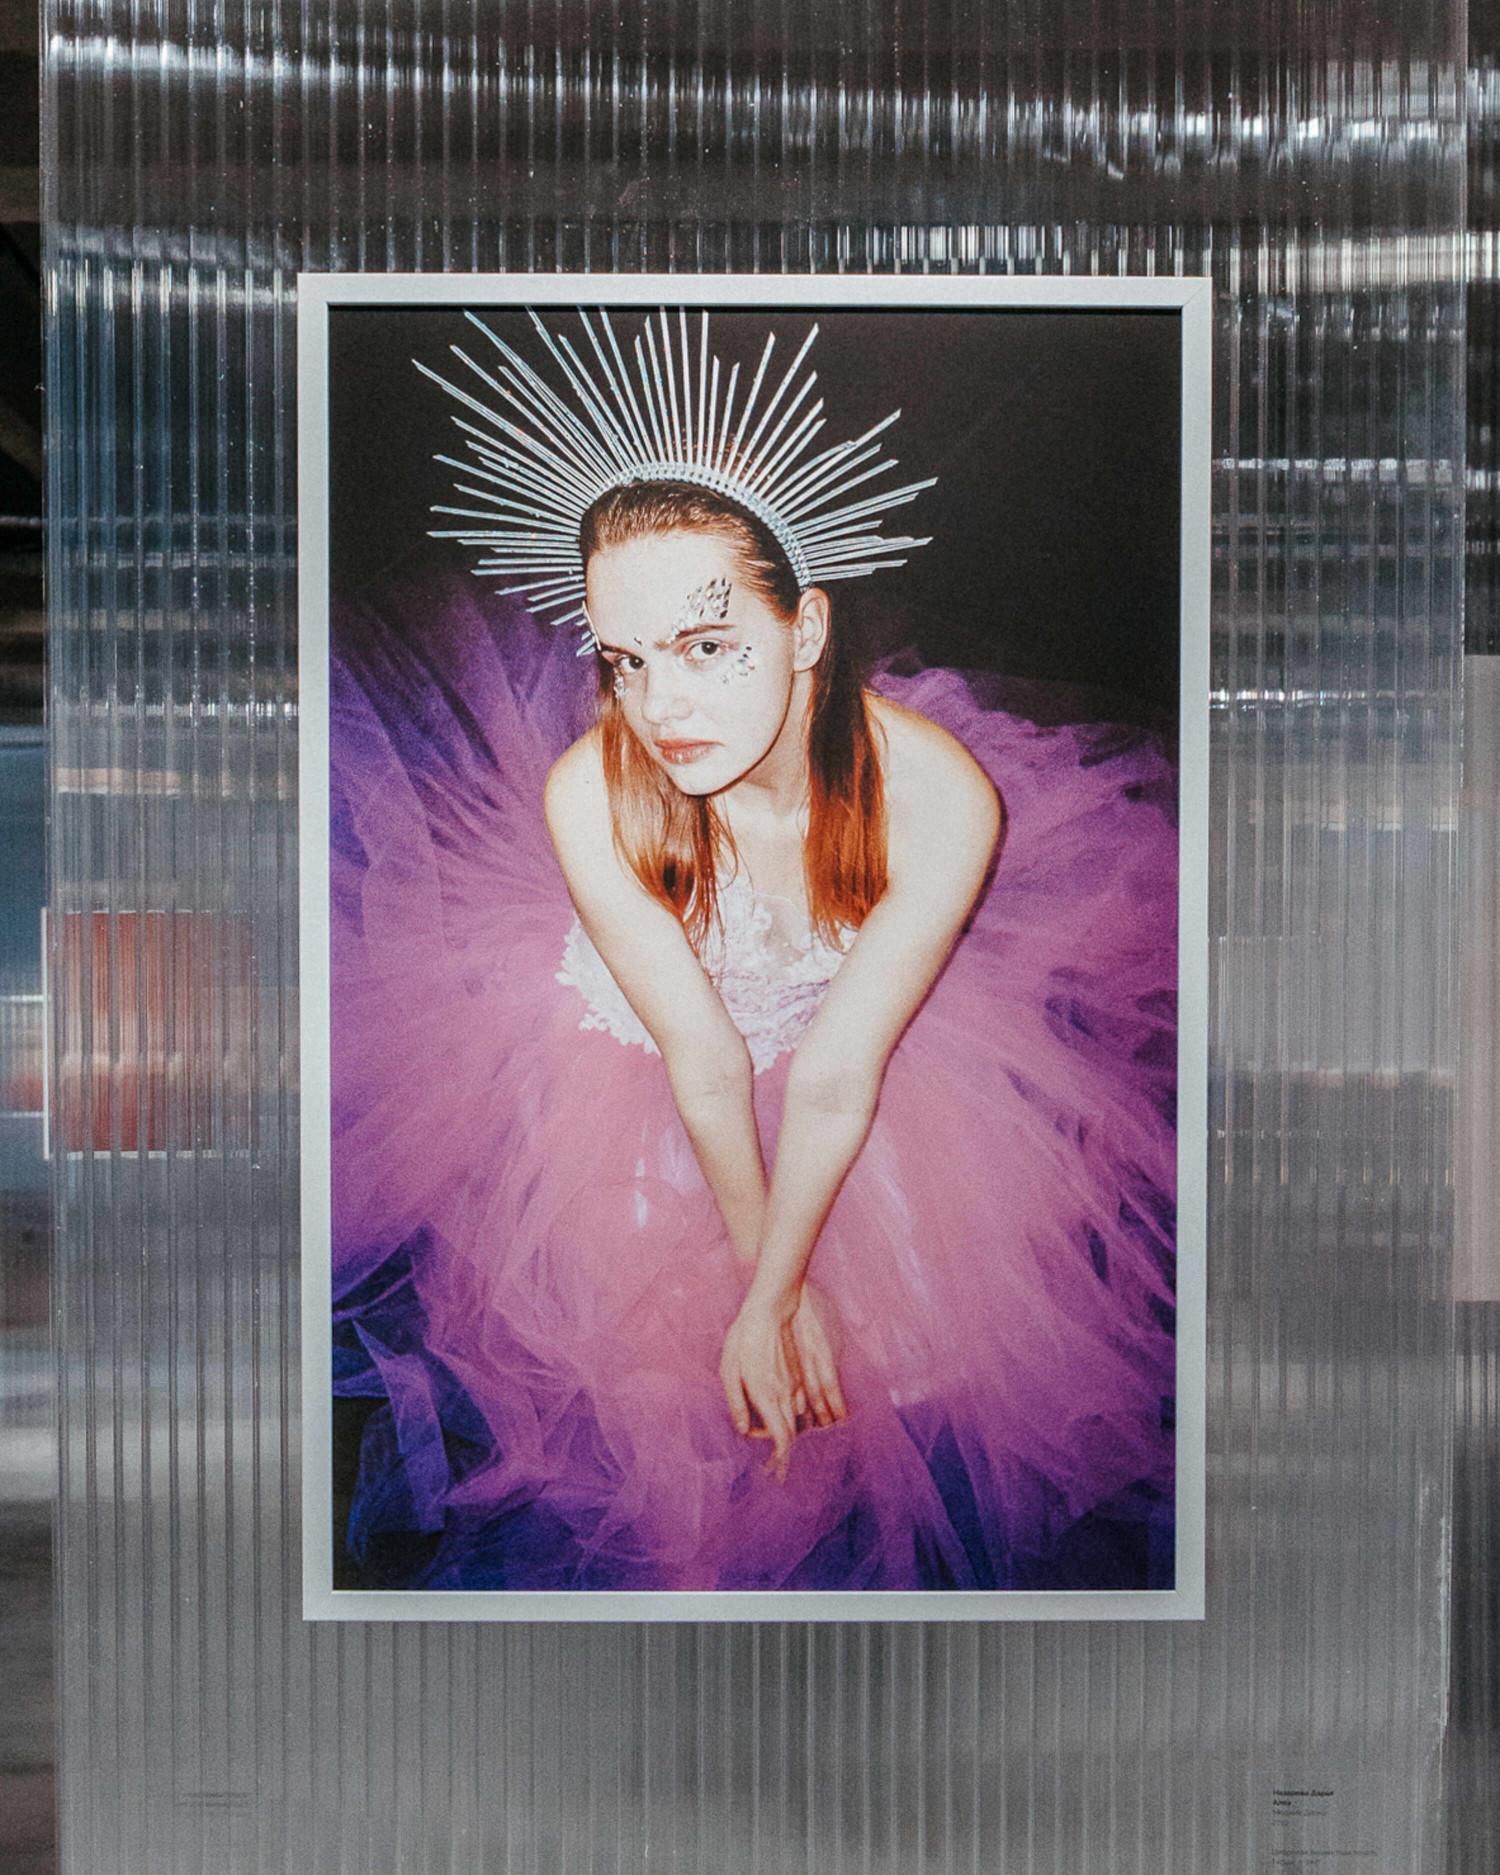 Герои проекта Дарьи Назаровой создают свое собственное публичное пространство – 'Алоэ', функционирующее по законам пространства личного – 'пейзаж, в котором можно жить повседневной сказкой', 'тайное королевство', частью которого становится художник и тщательно его документирует.